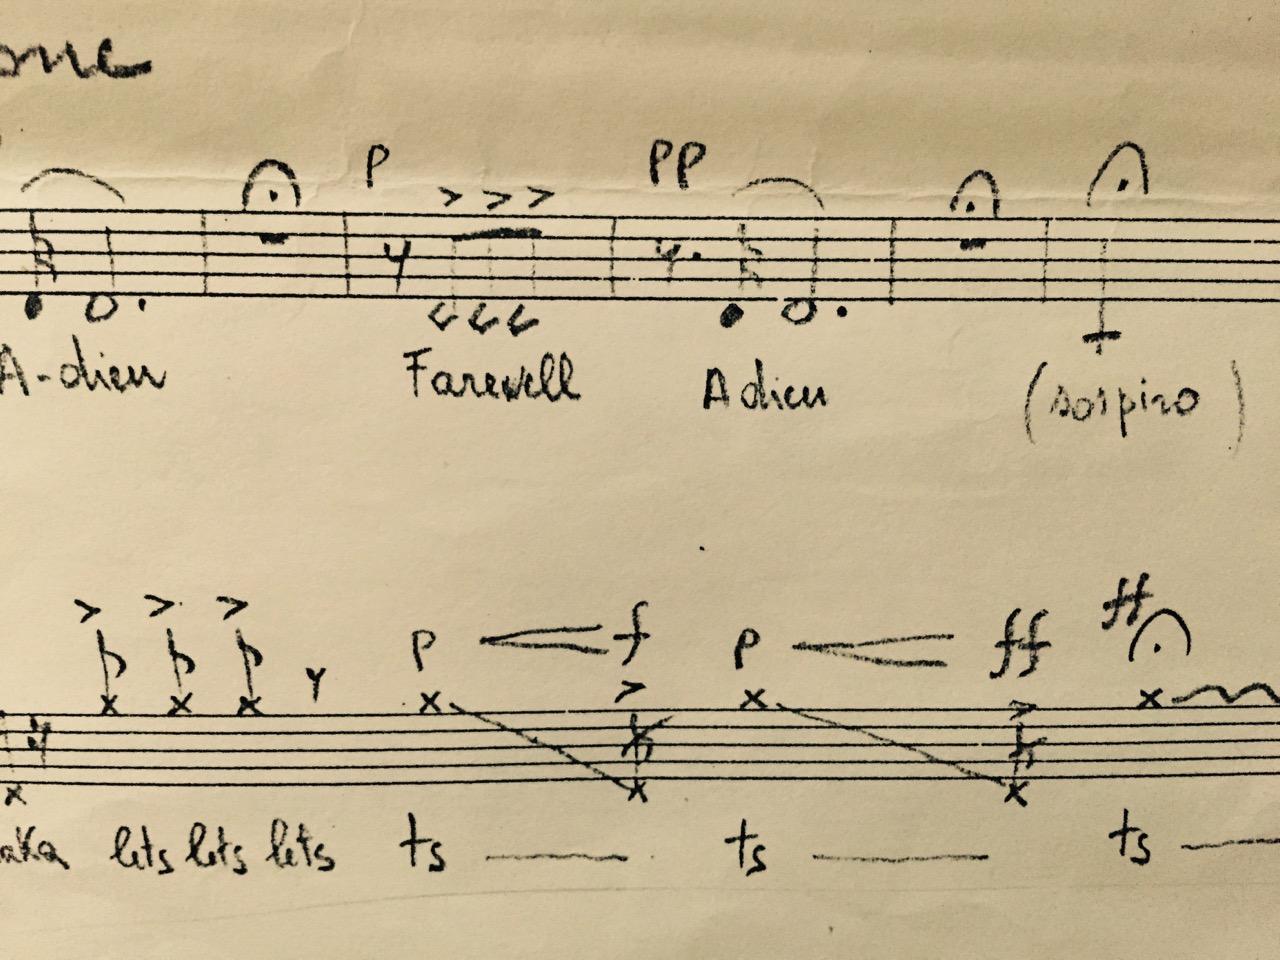 carla-delfrate-e-lenz-fondazione-romeo-and-juliet-concert-francesco-pititto-17